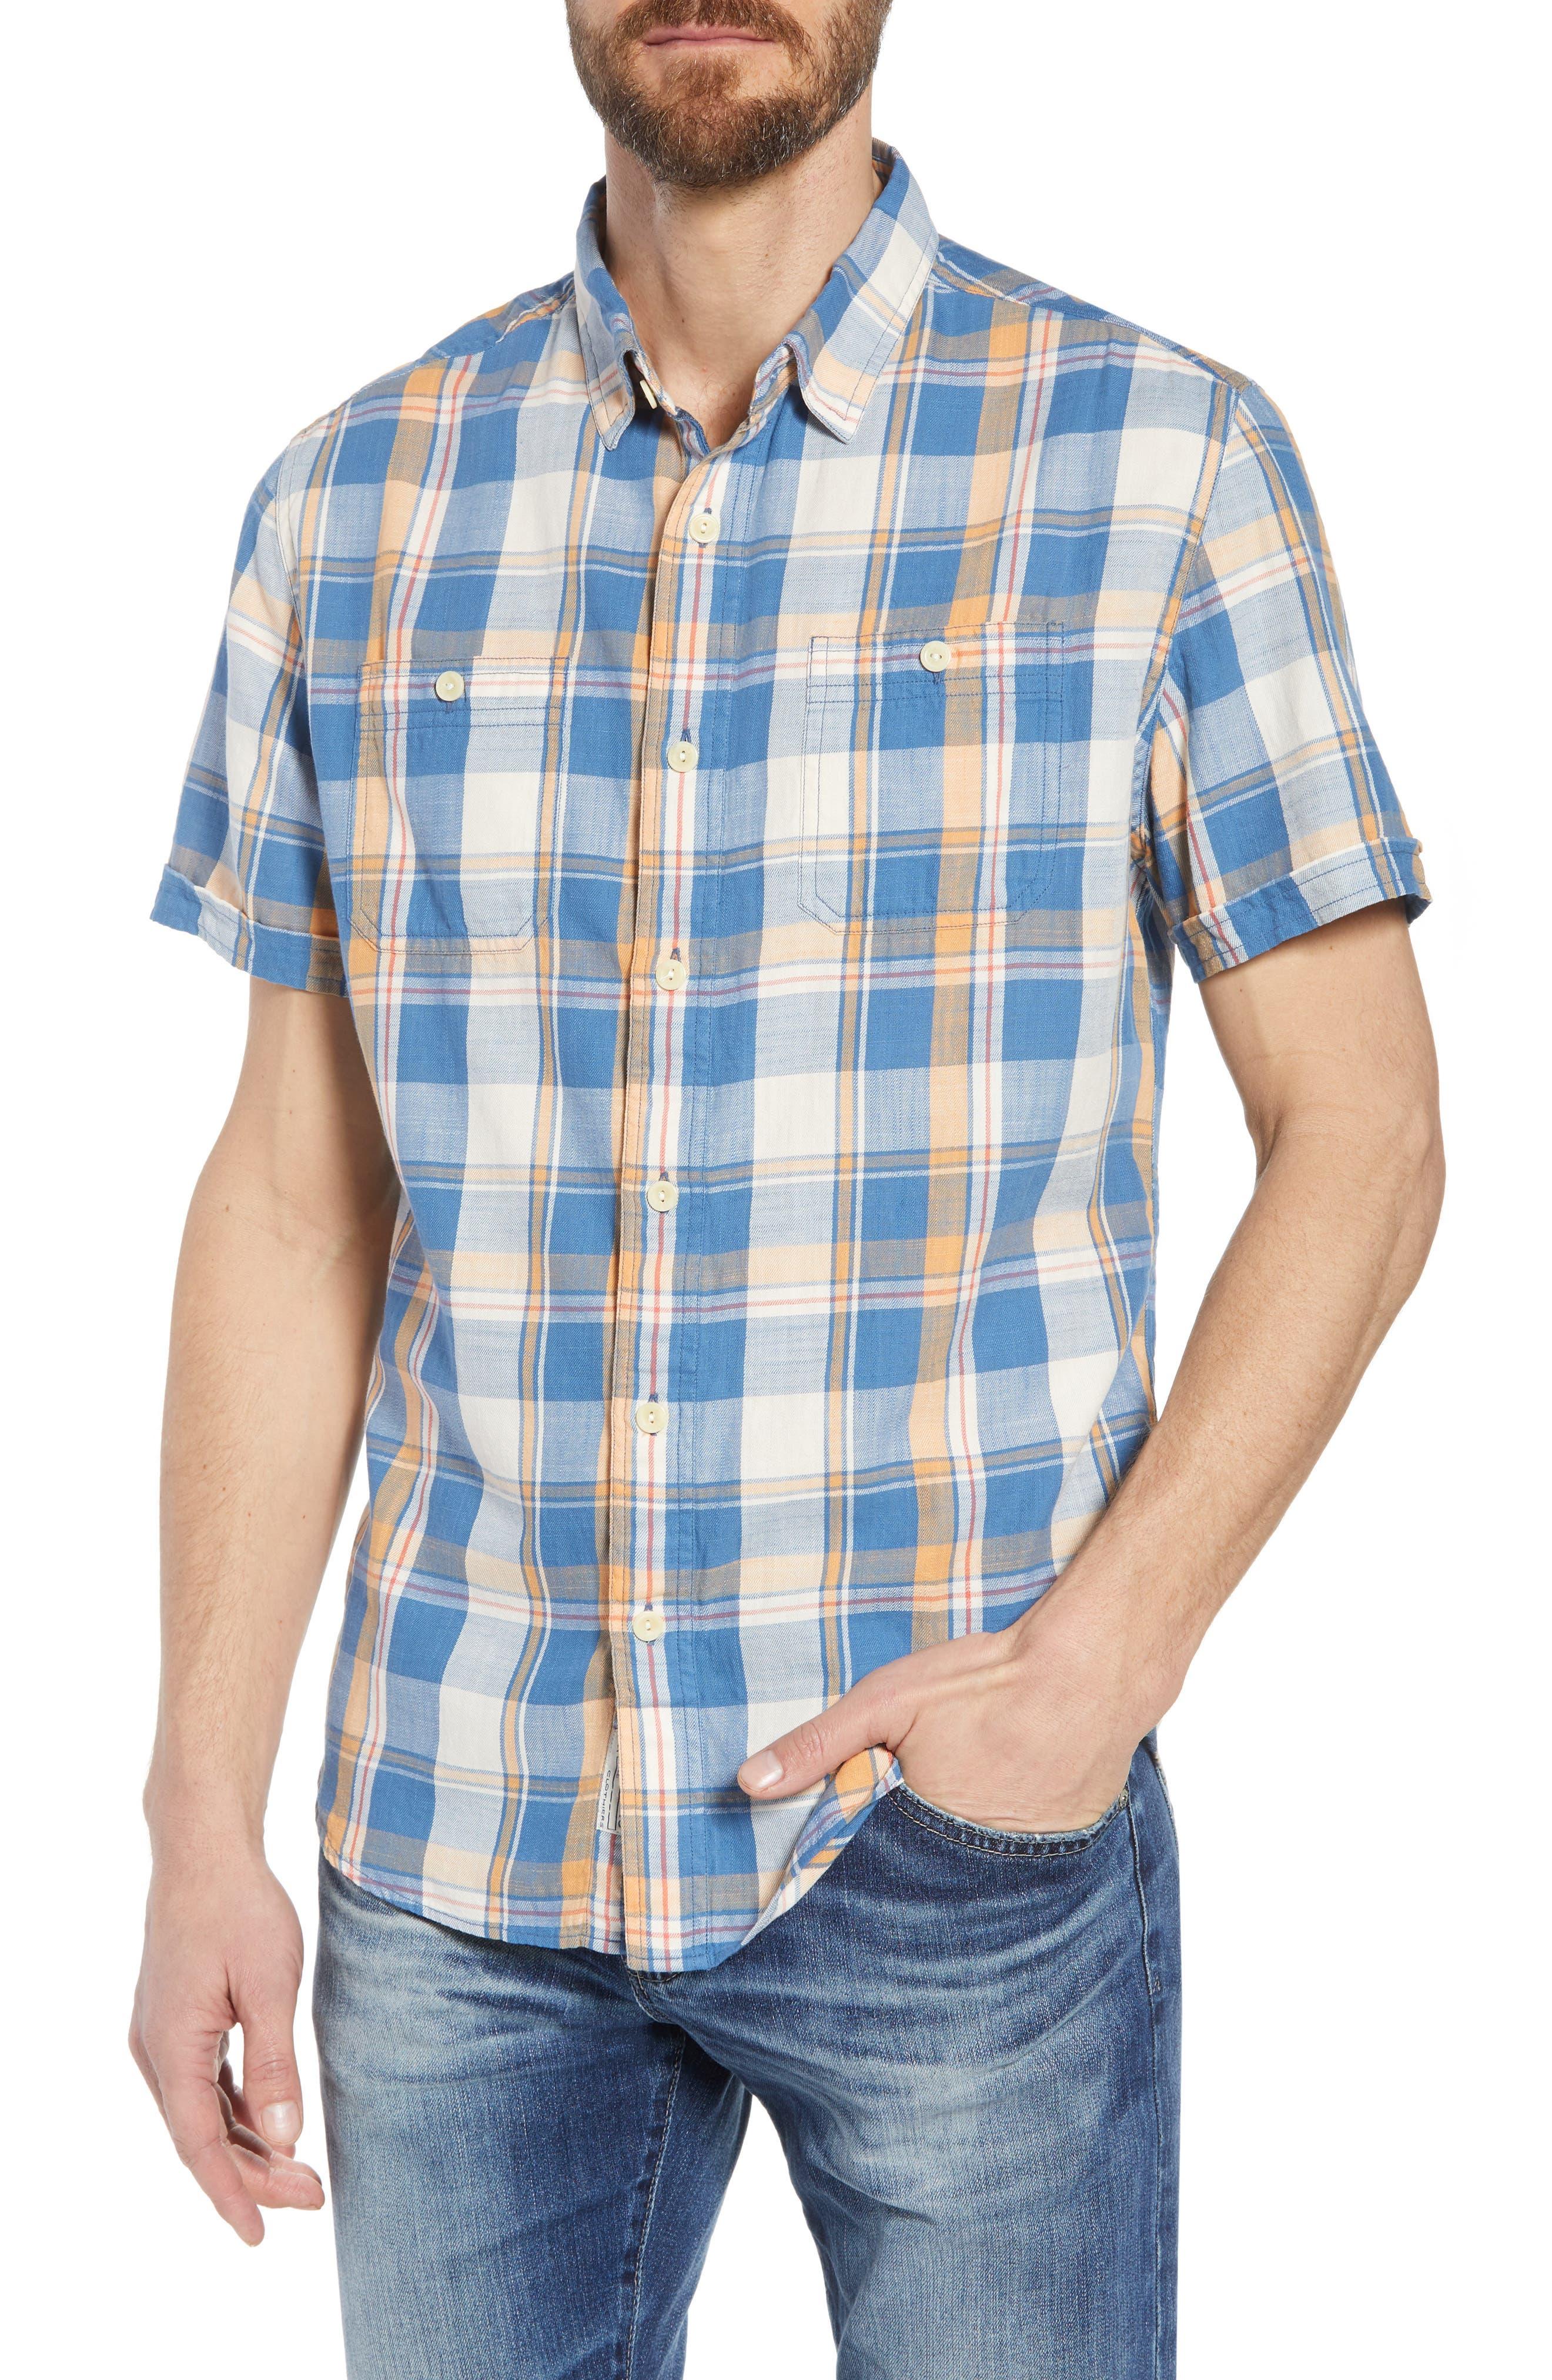 Sherman Plaid Slub Twill Sport Shirt,                             Main thumbnail 1, color,                             Blue Mustard Red